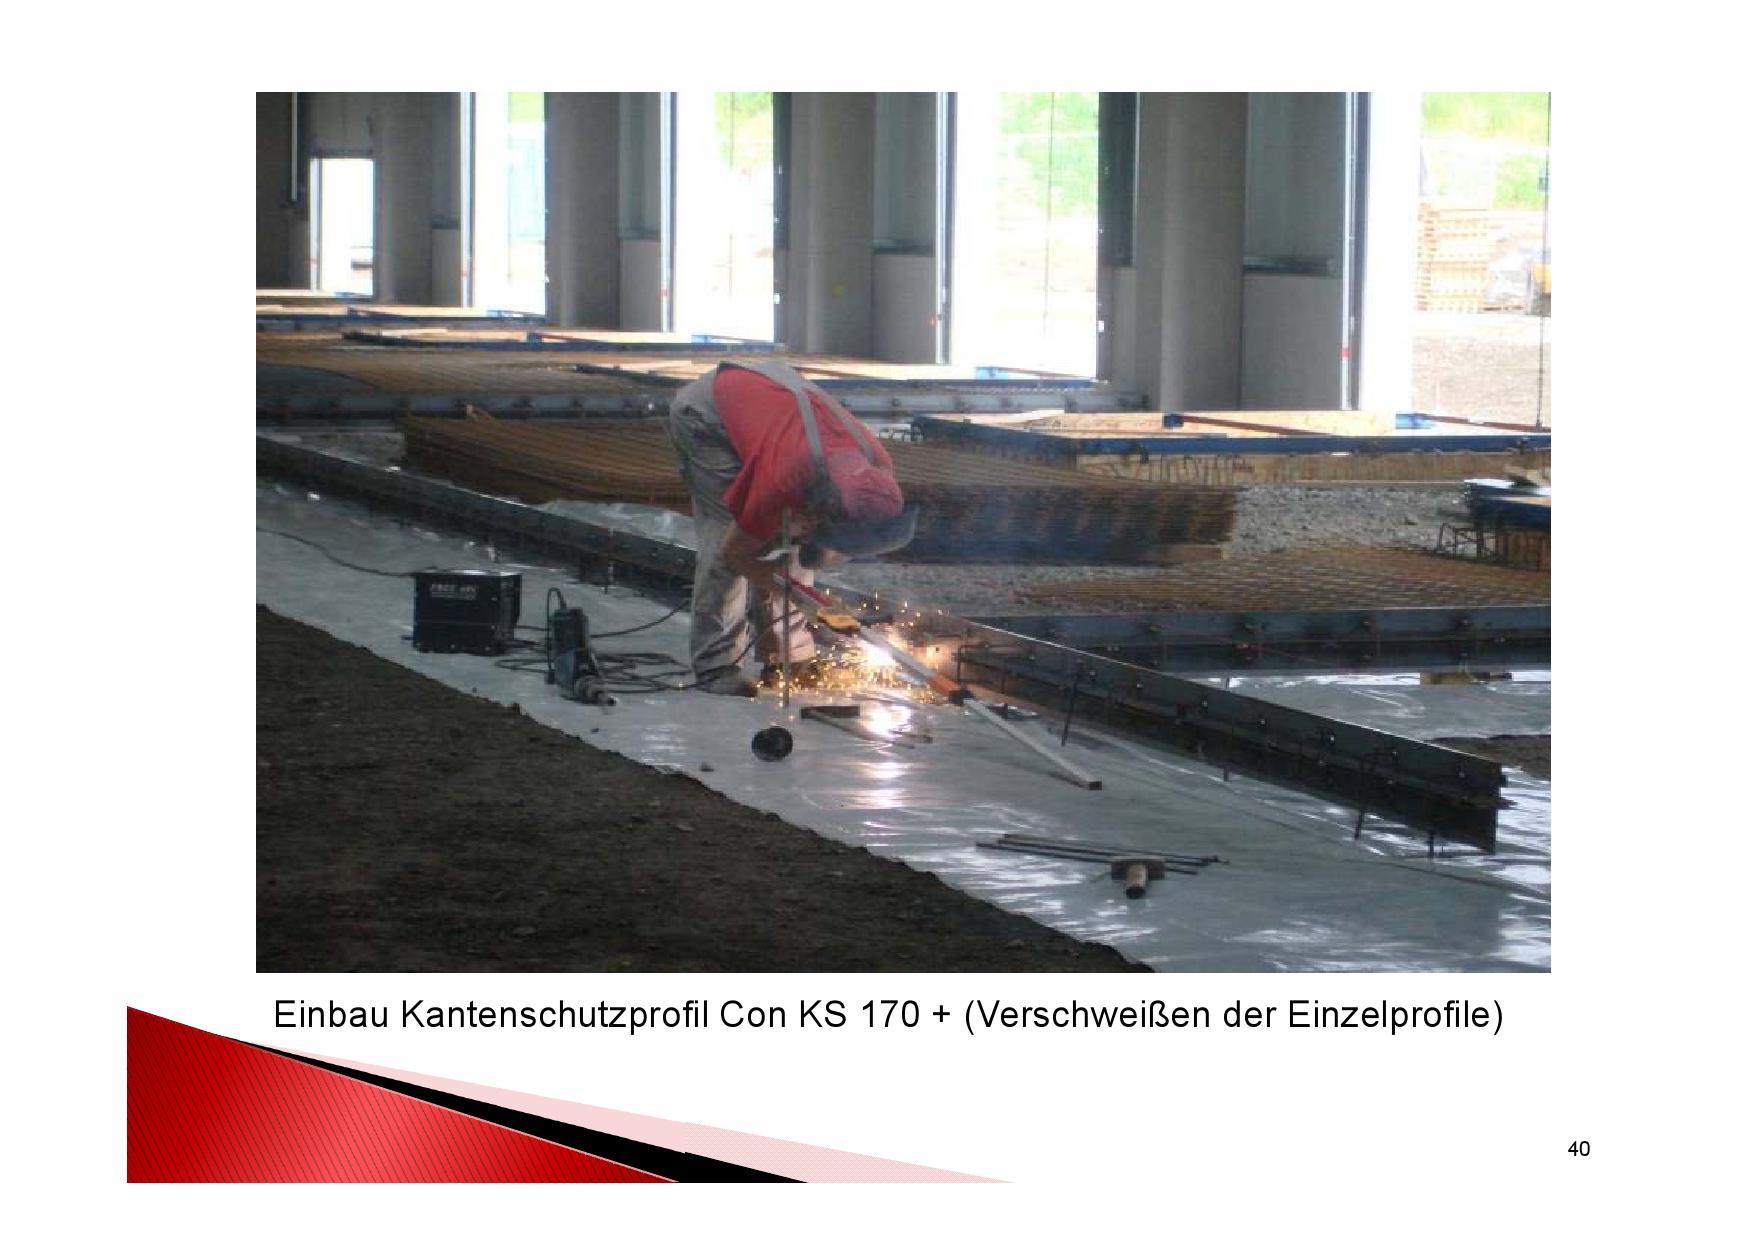 Industrieboden Herstellung: Einbau Kantenschutzprofil Con KS 170+ (Verschweißen der Einzelprofile)